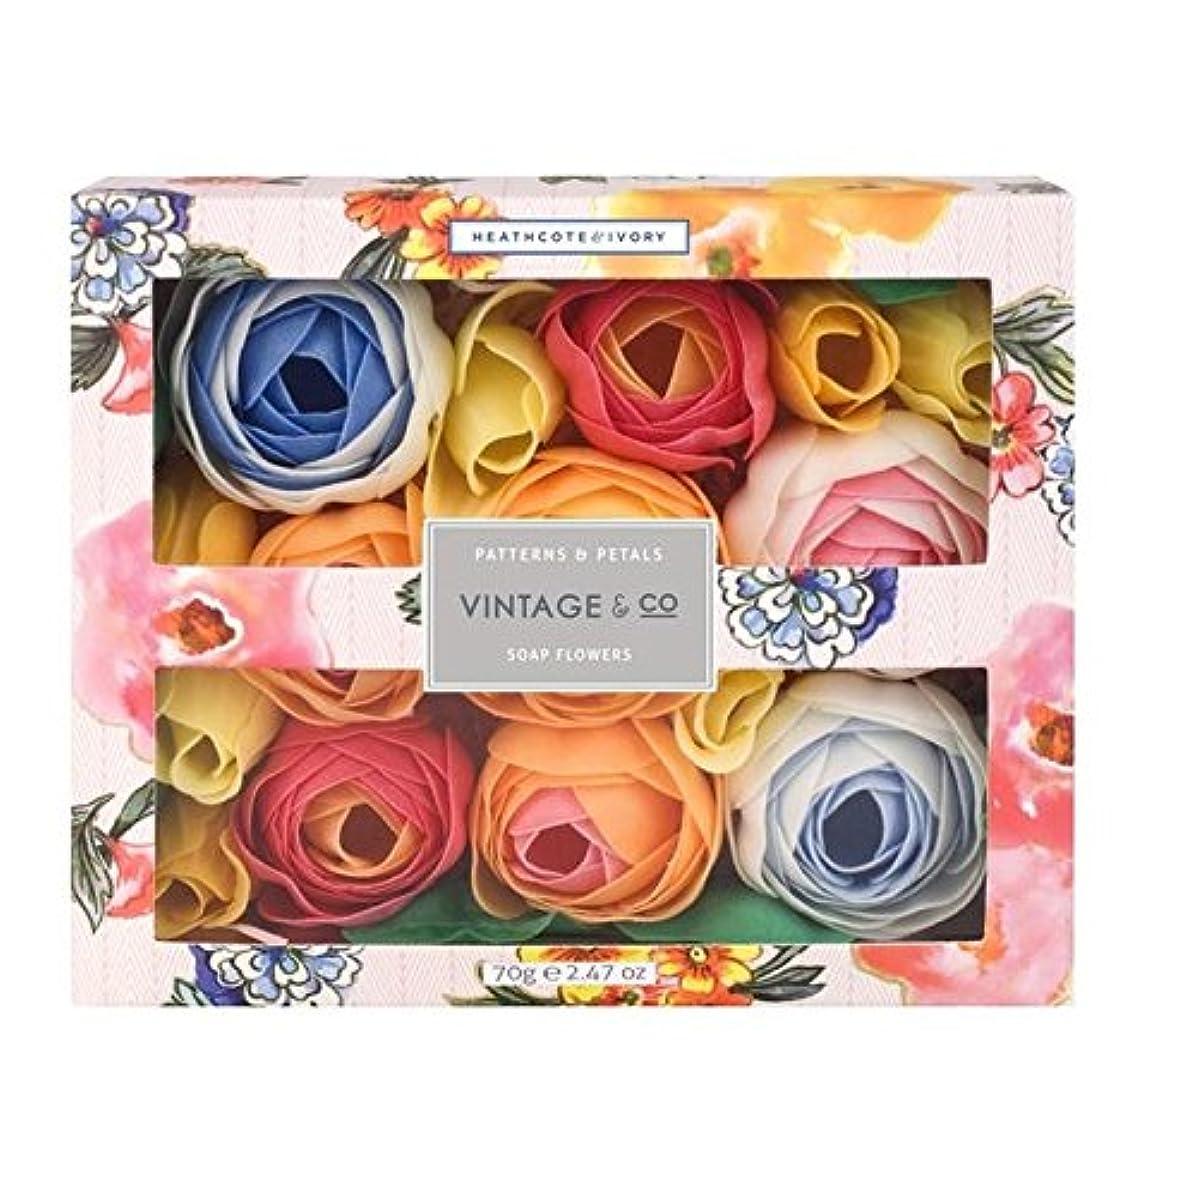 受け入れた変装した削減ヒースコート&アイボリーパターン&花びら石鹸の花70グラム x2 - Heathcote & Ivory Patterns & Petals Soap Flowers 70g (Pack of 2) [並行輸入品]